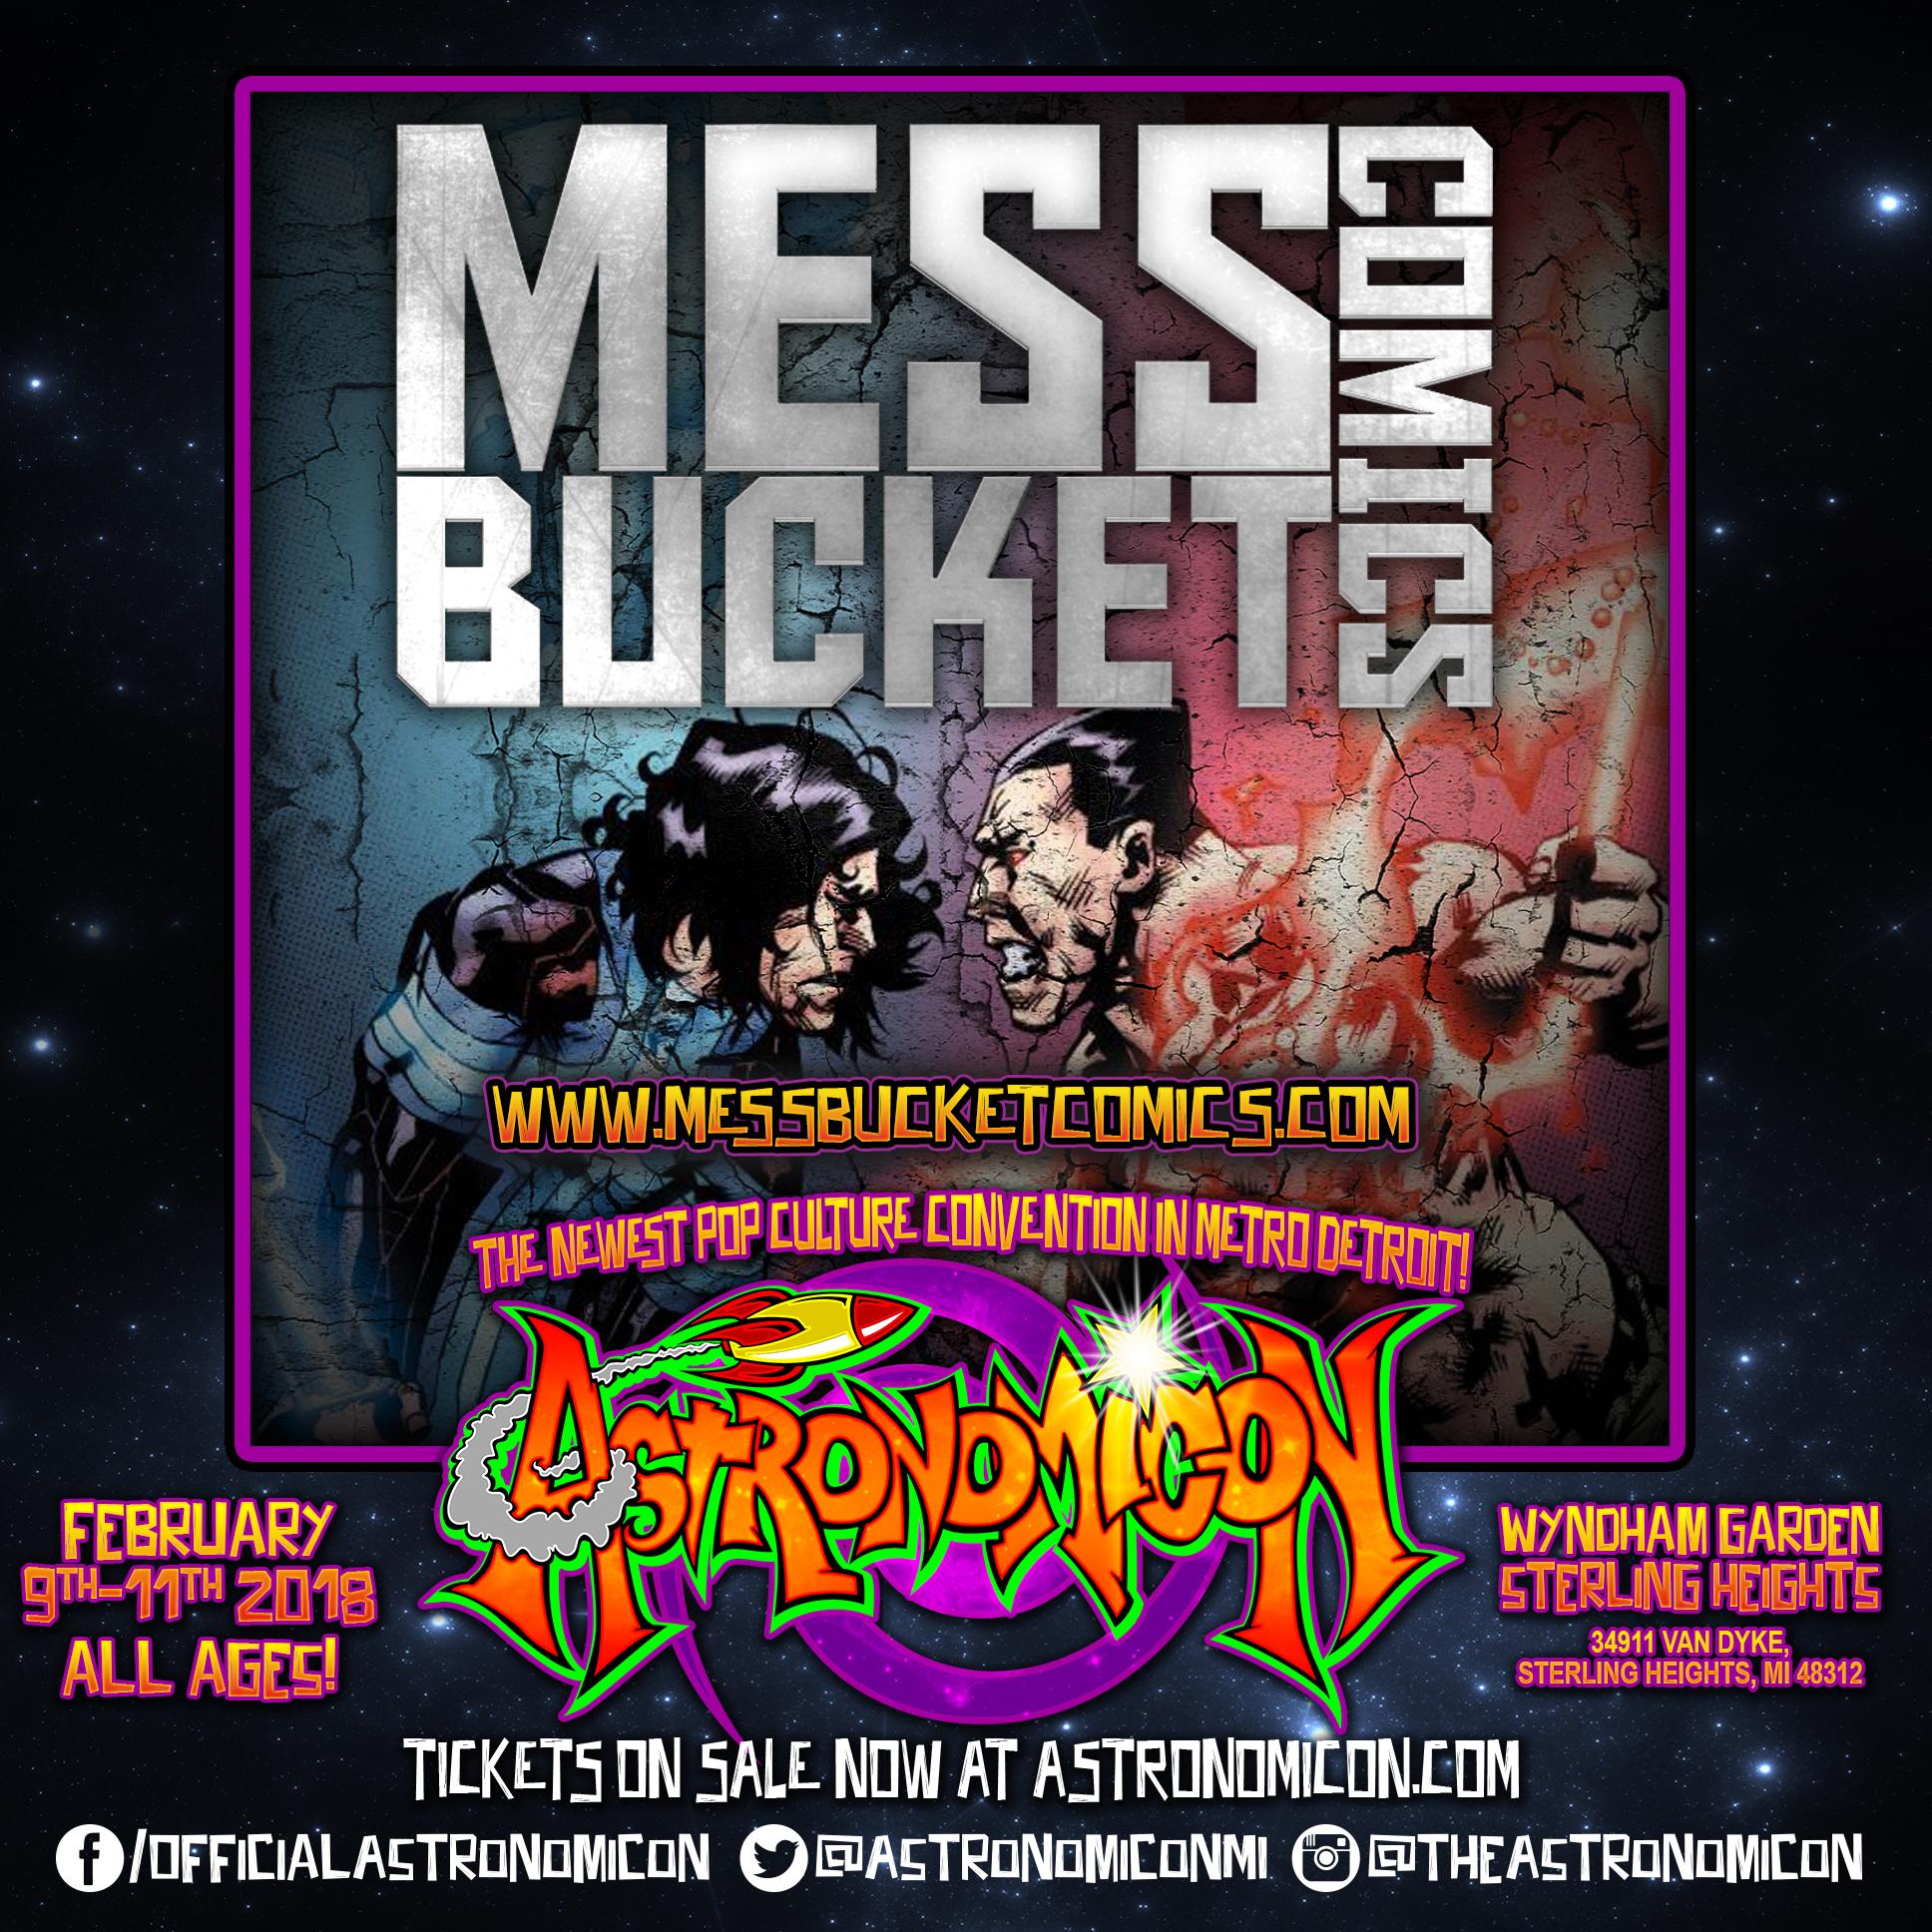 Mess Bucket Comics -  messbucketcomics.com